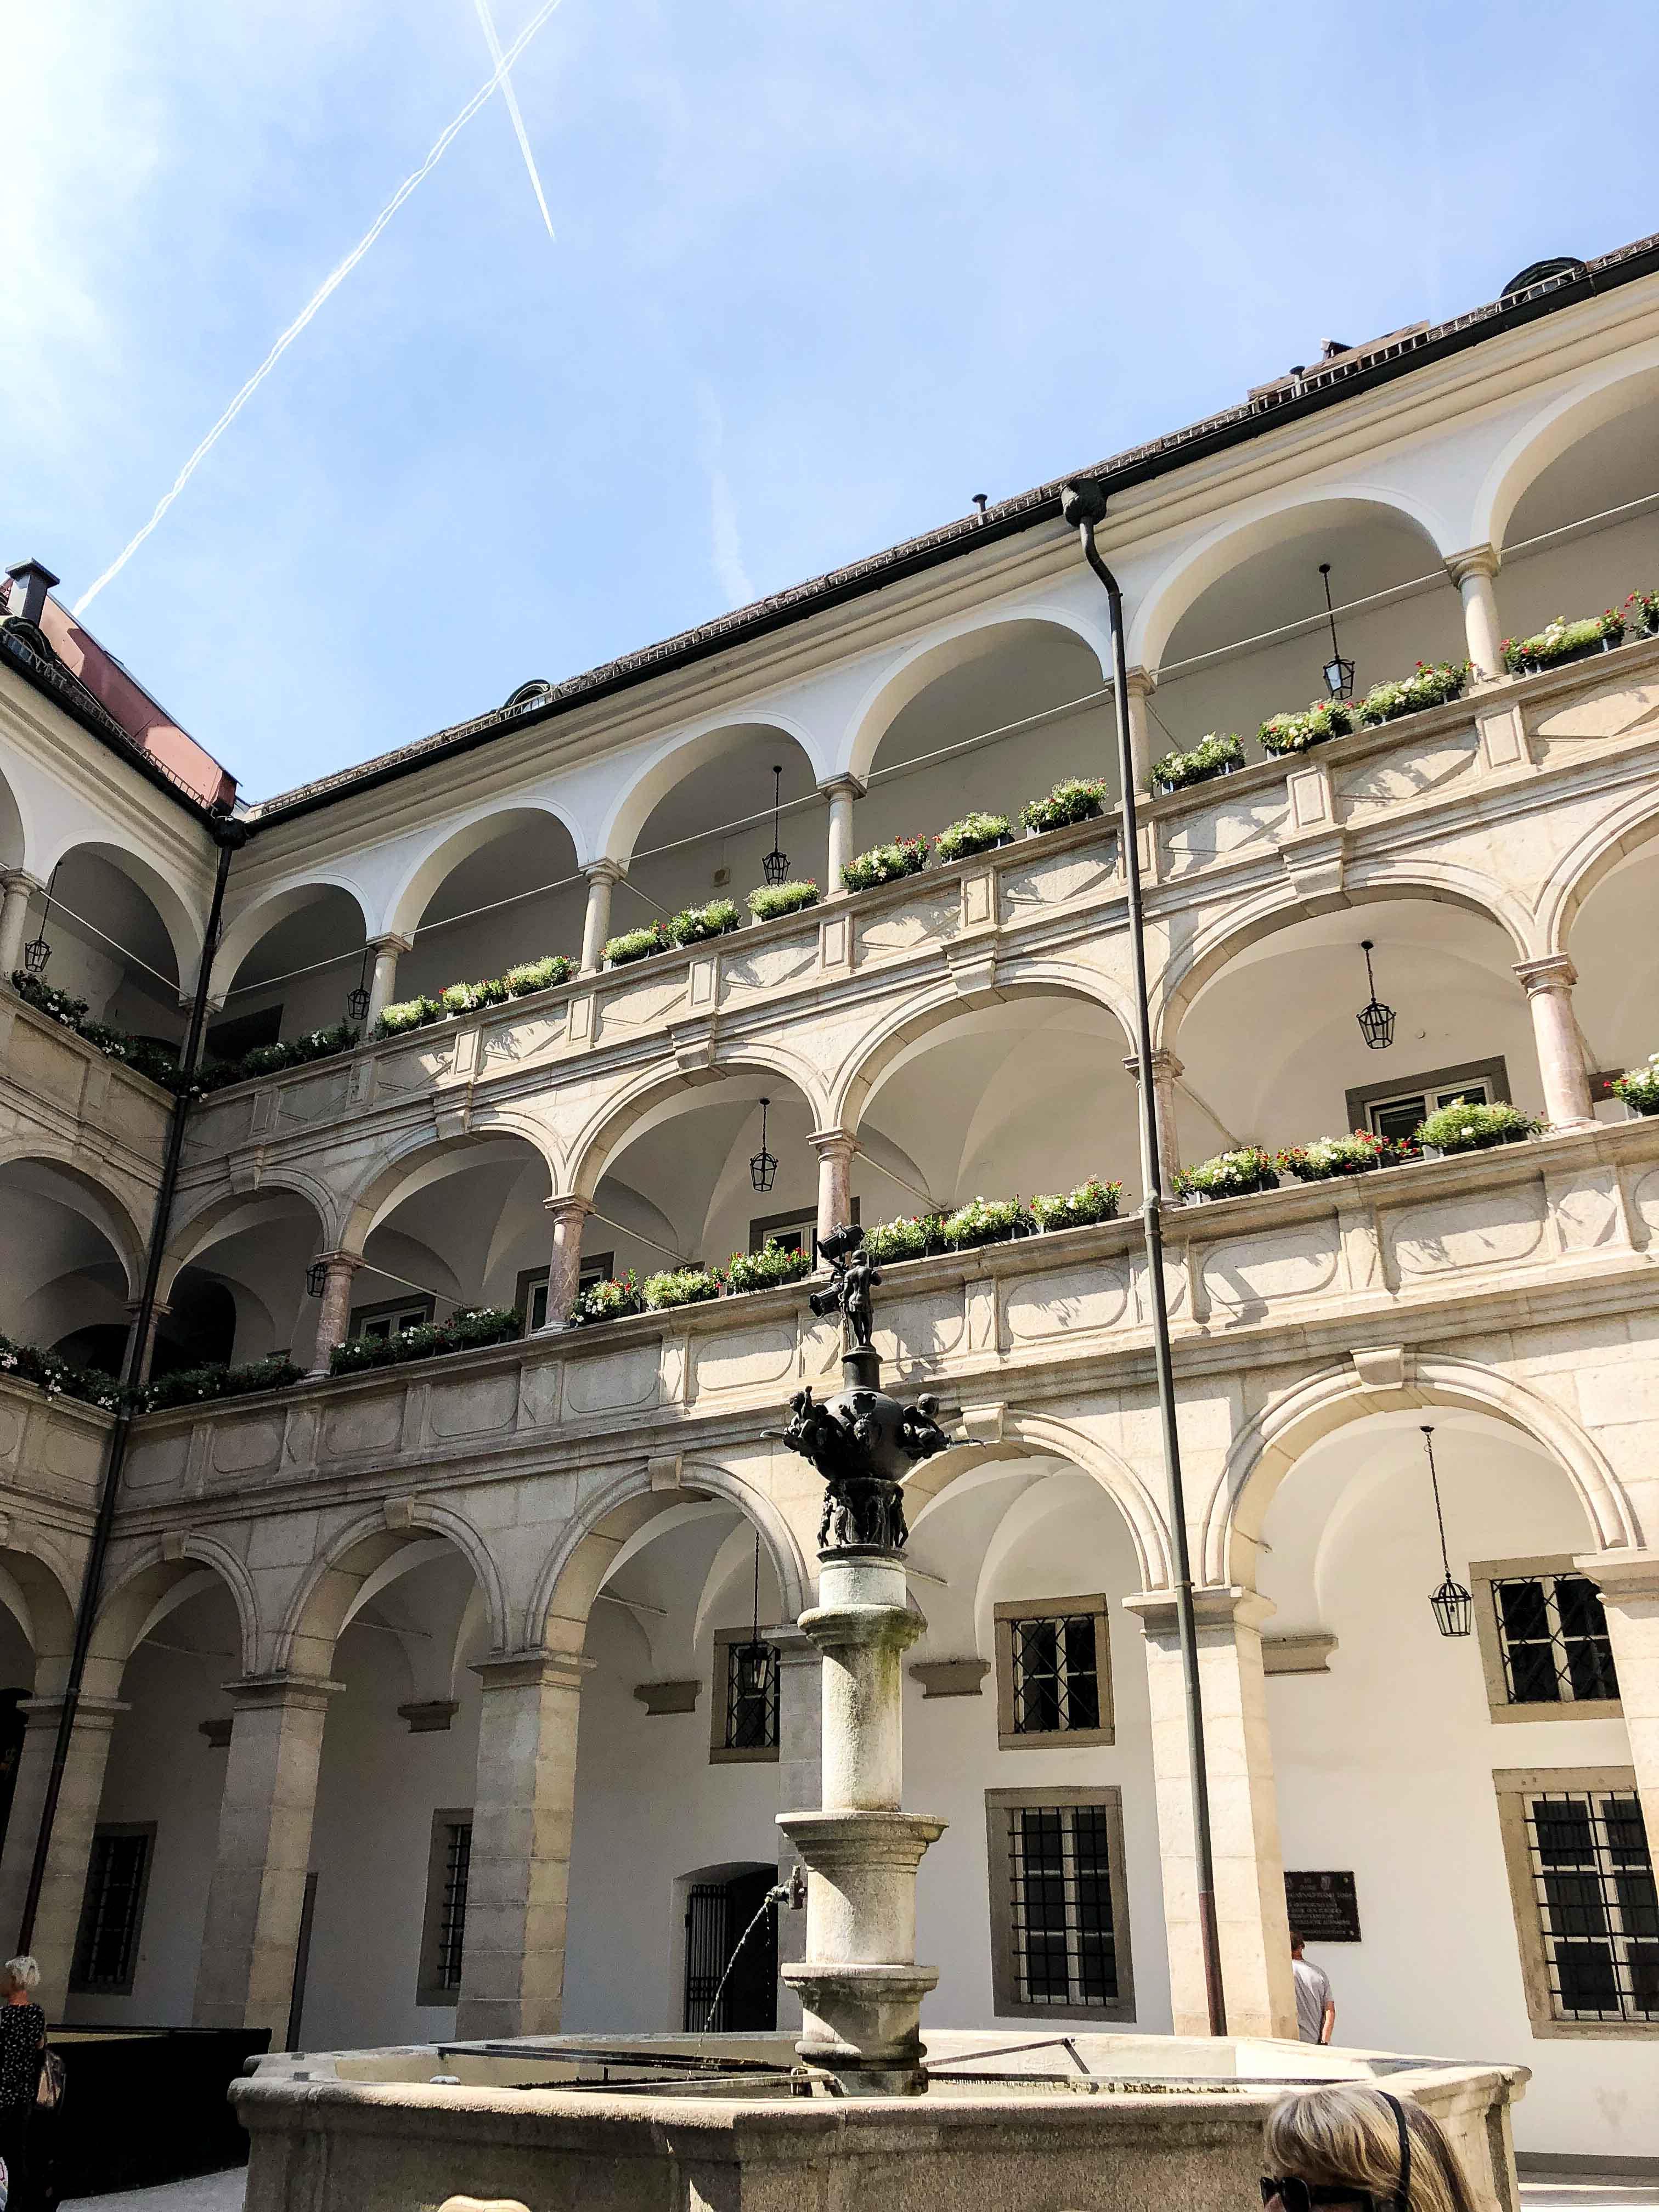 Linz Mozarthaus Österreich Insider Tipps Sehenswürdigkeiten Donaukreuzfahrt Arosa Reiseblog 3